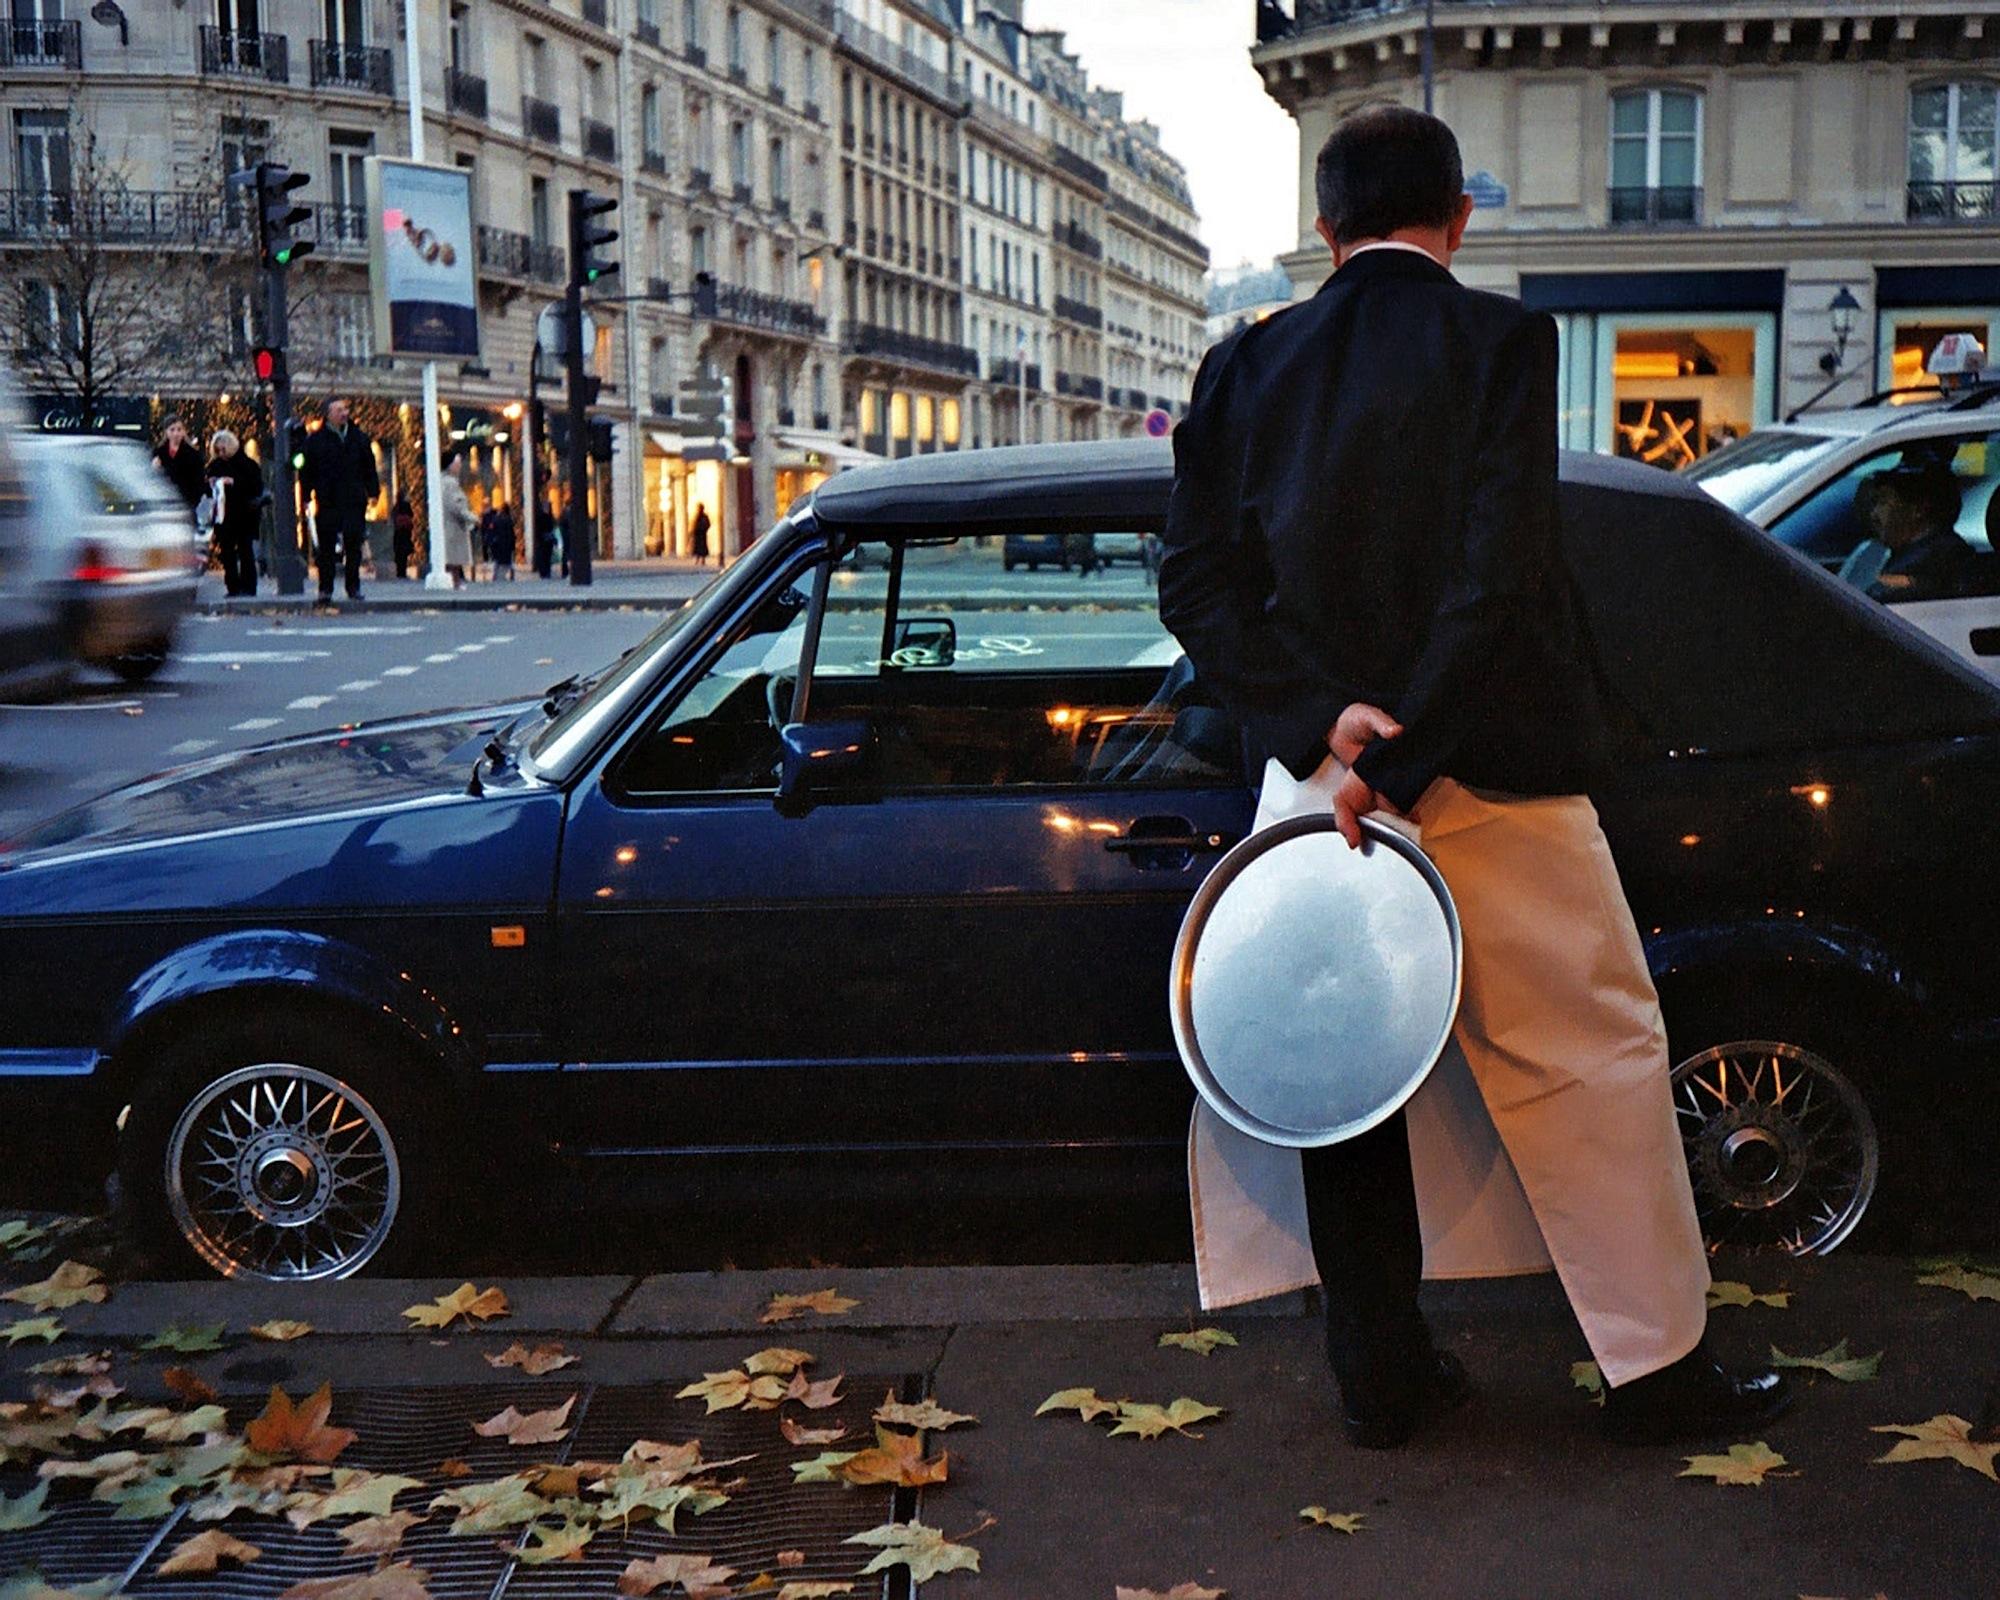 paris-waiter-16x20-027_26.jpg